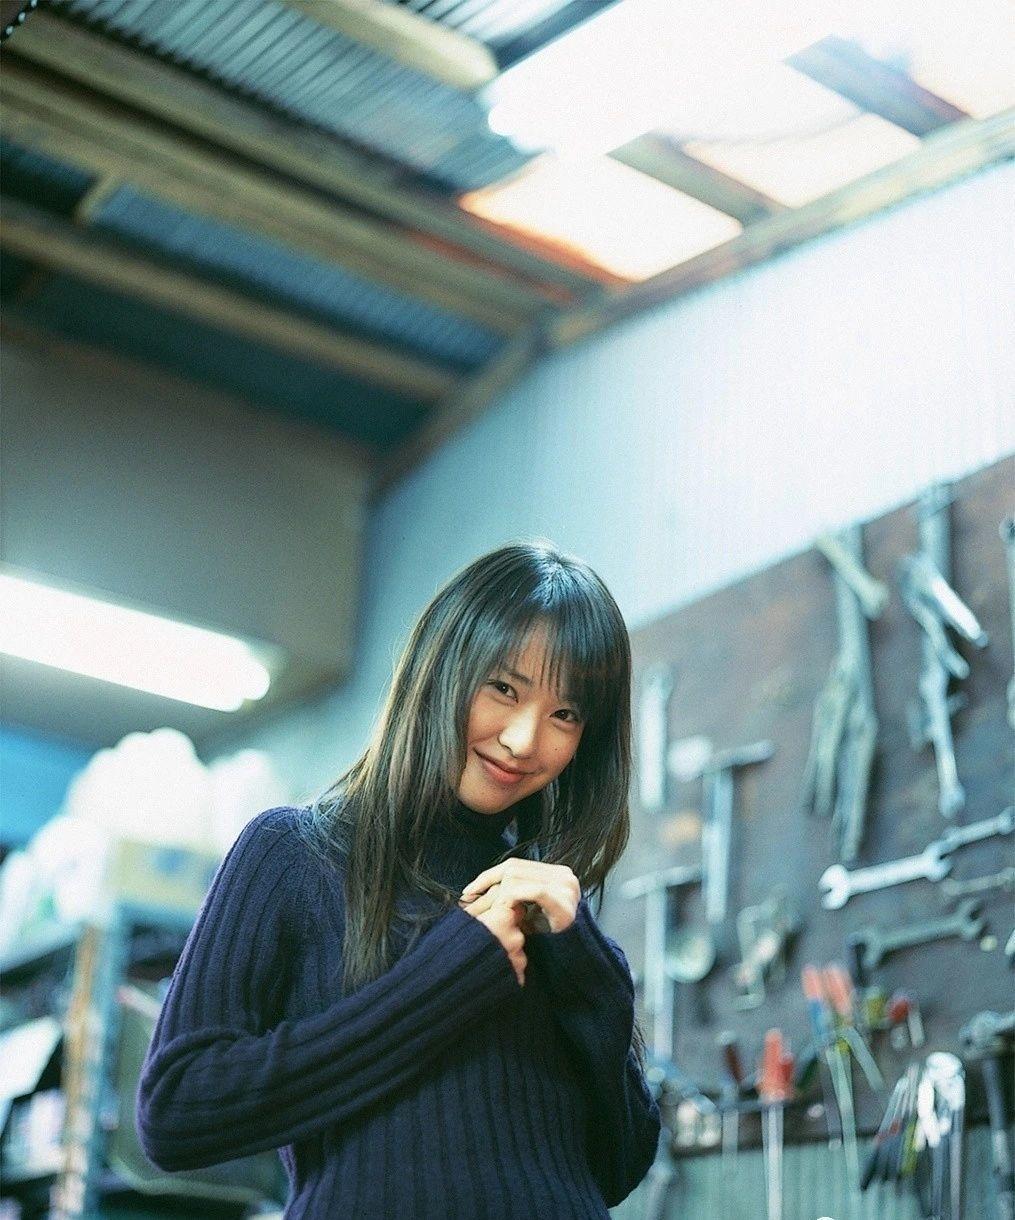 美的不可方物少女时代的户田惠梨香写真作品 (65)